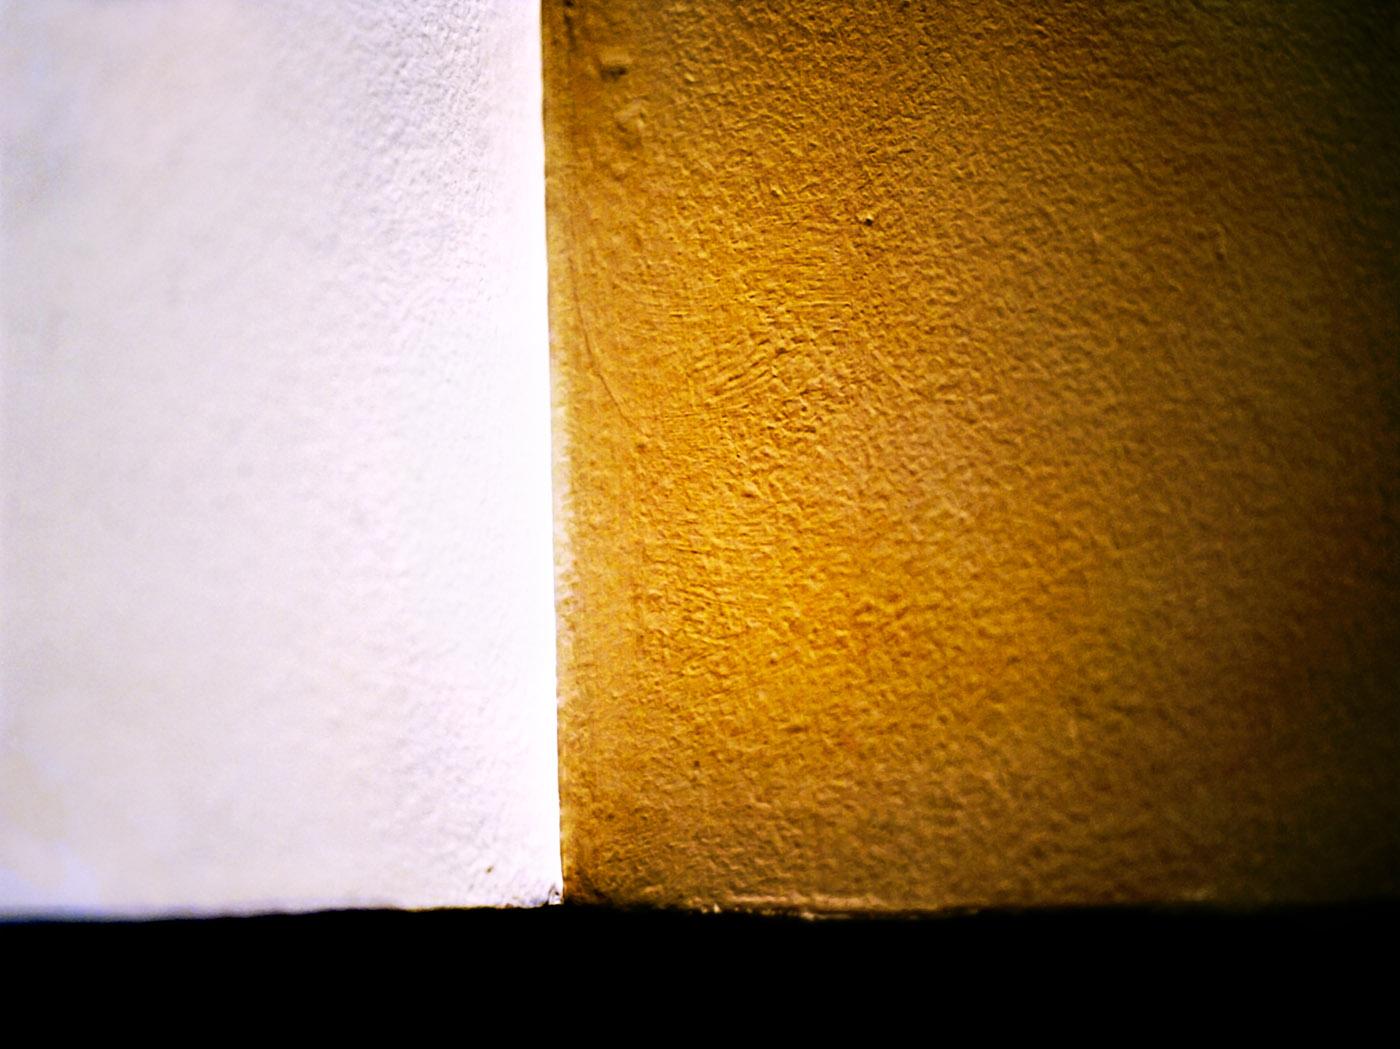 k_Cornered.jpg